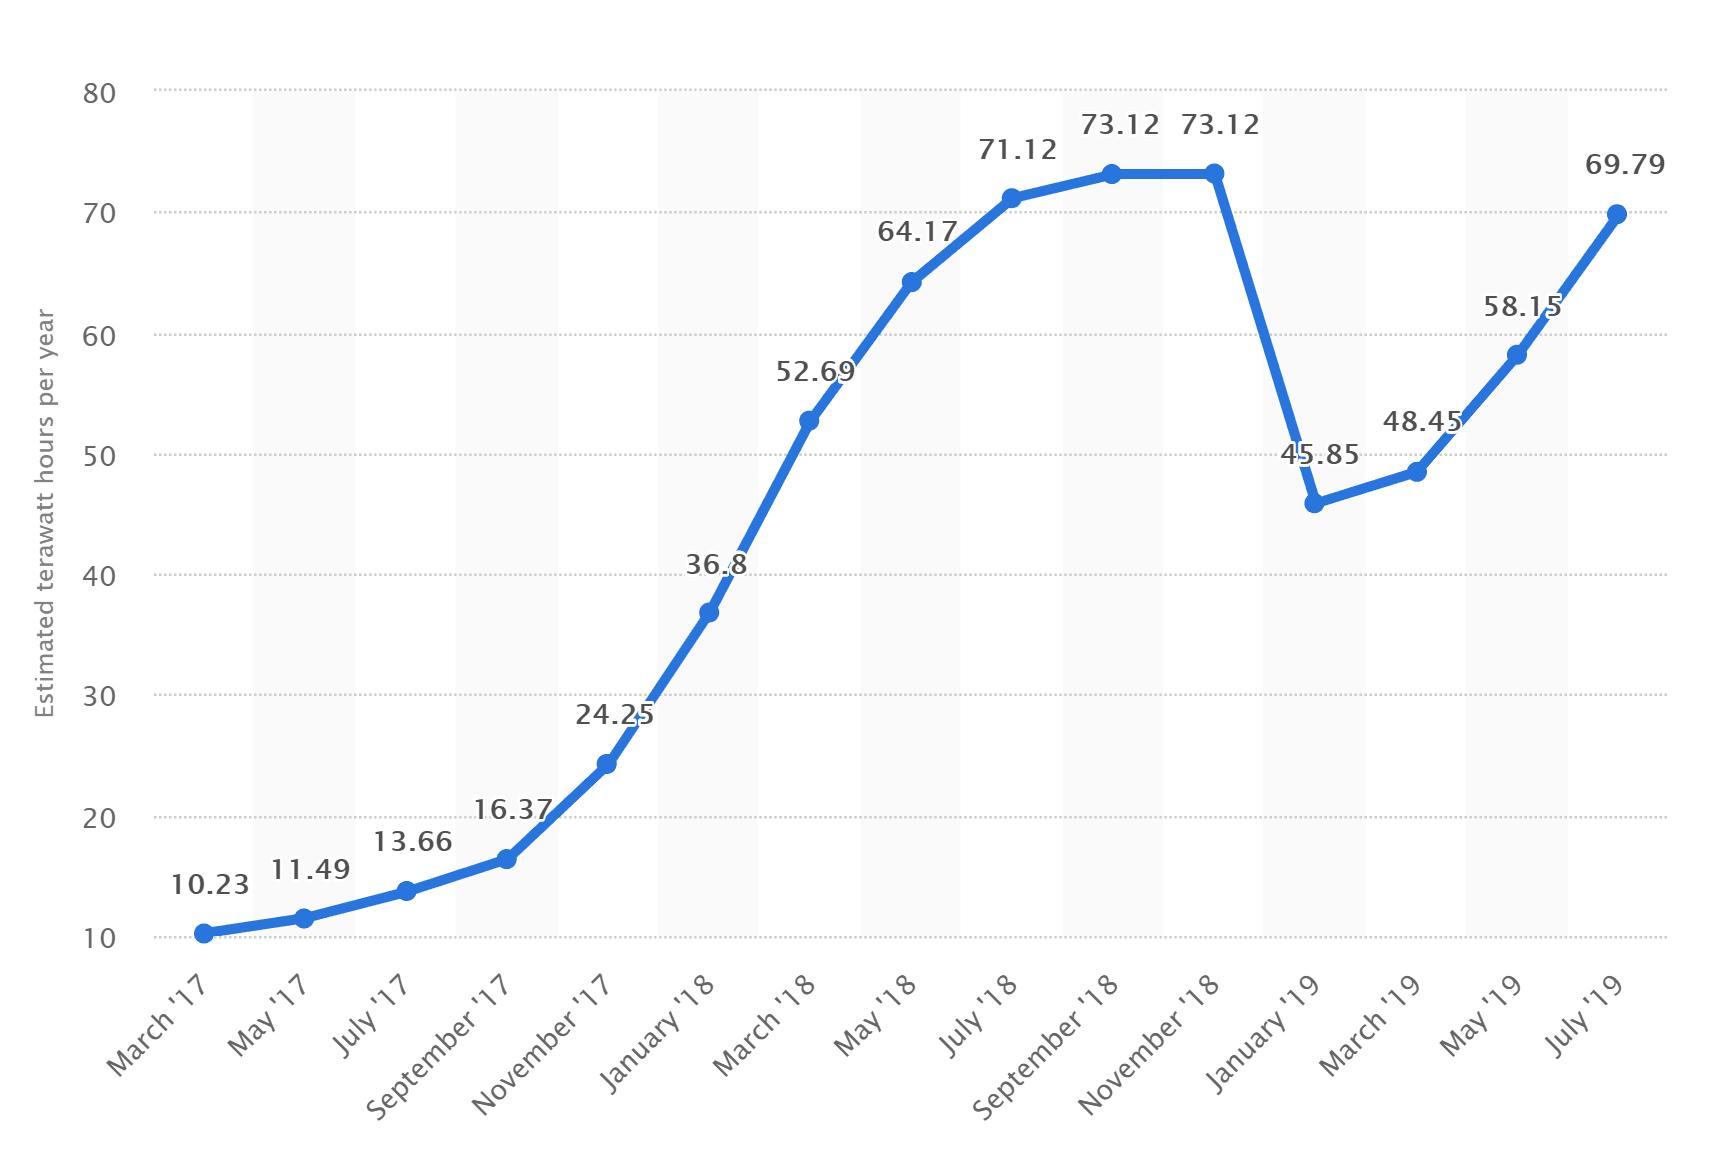 BCE Raport anual 2019